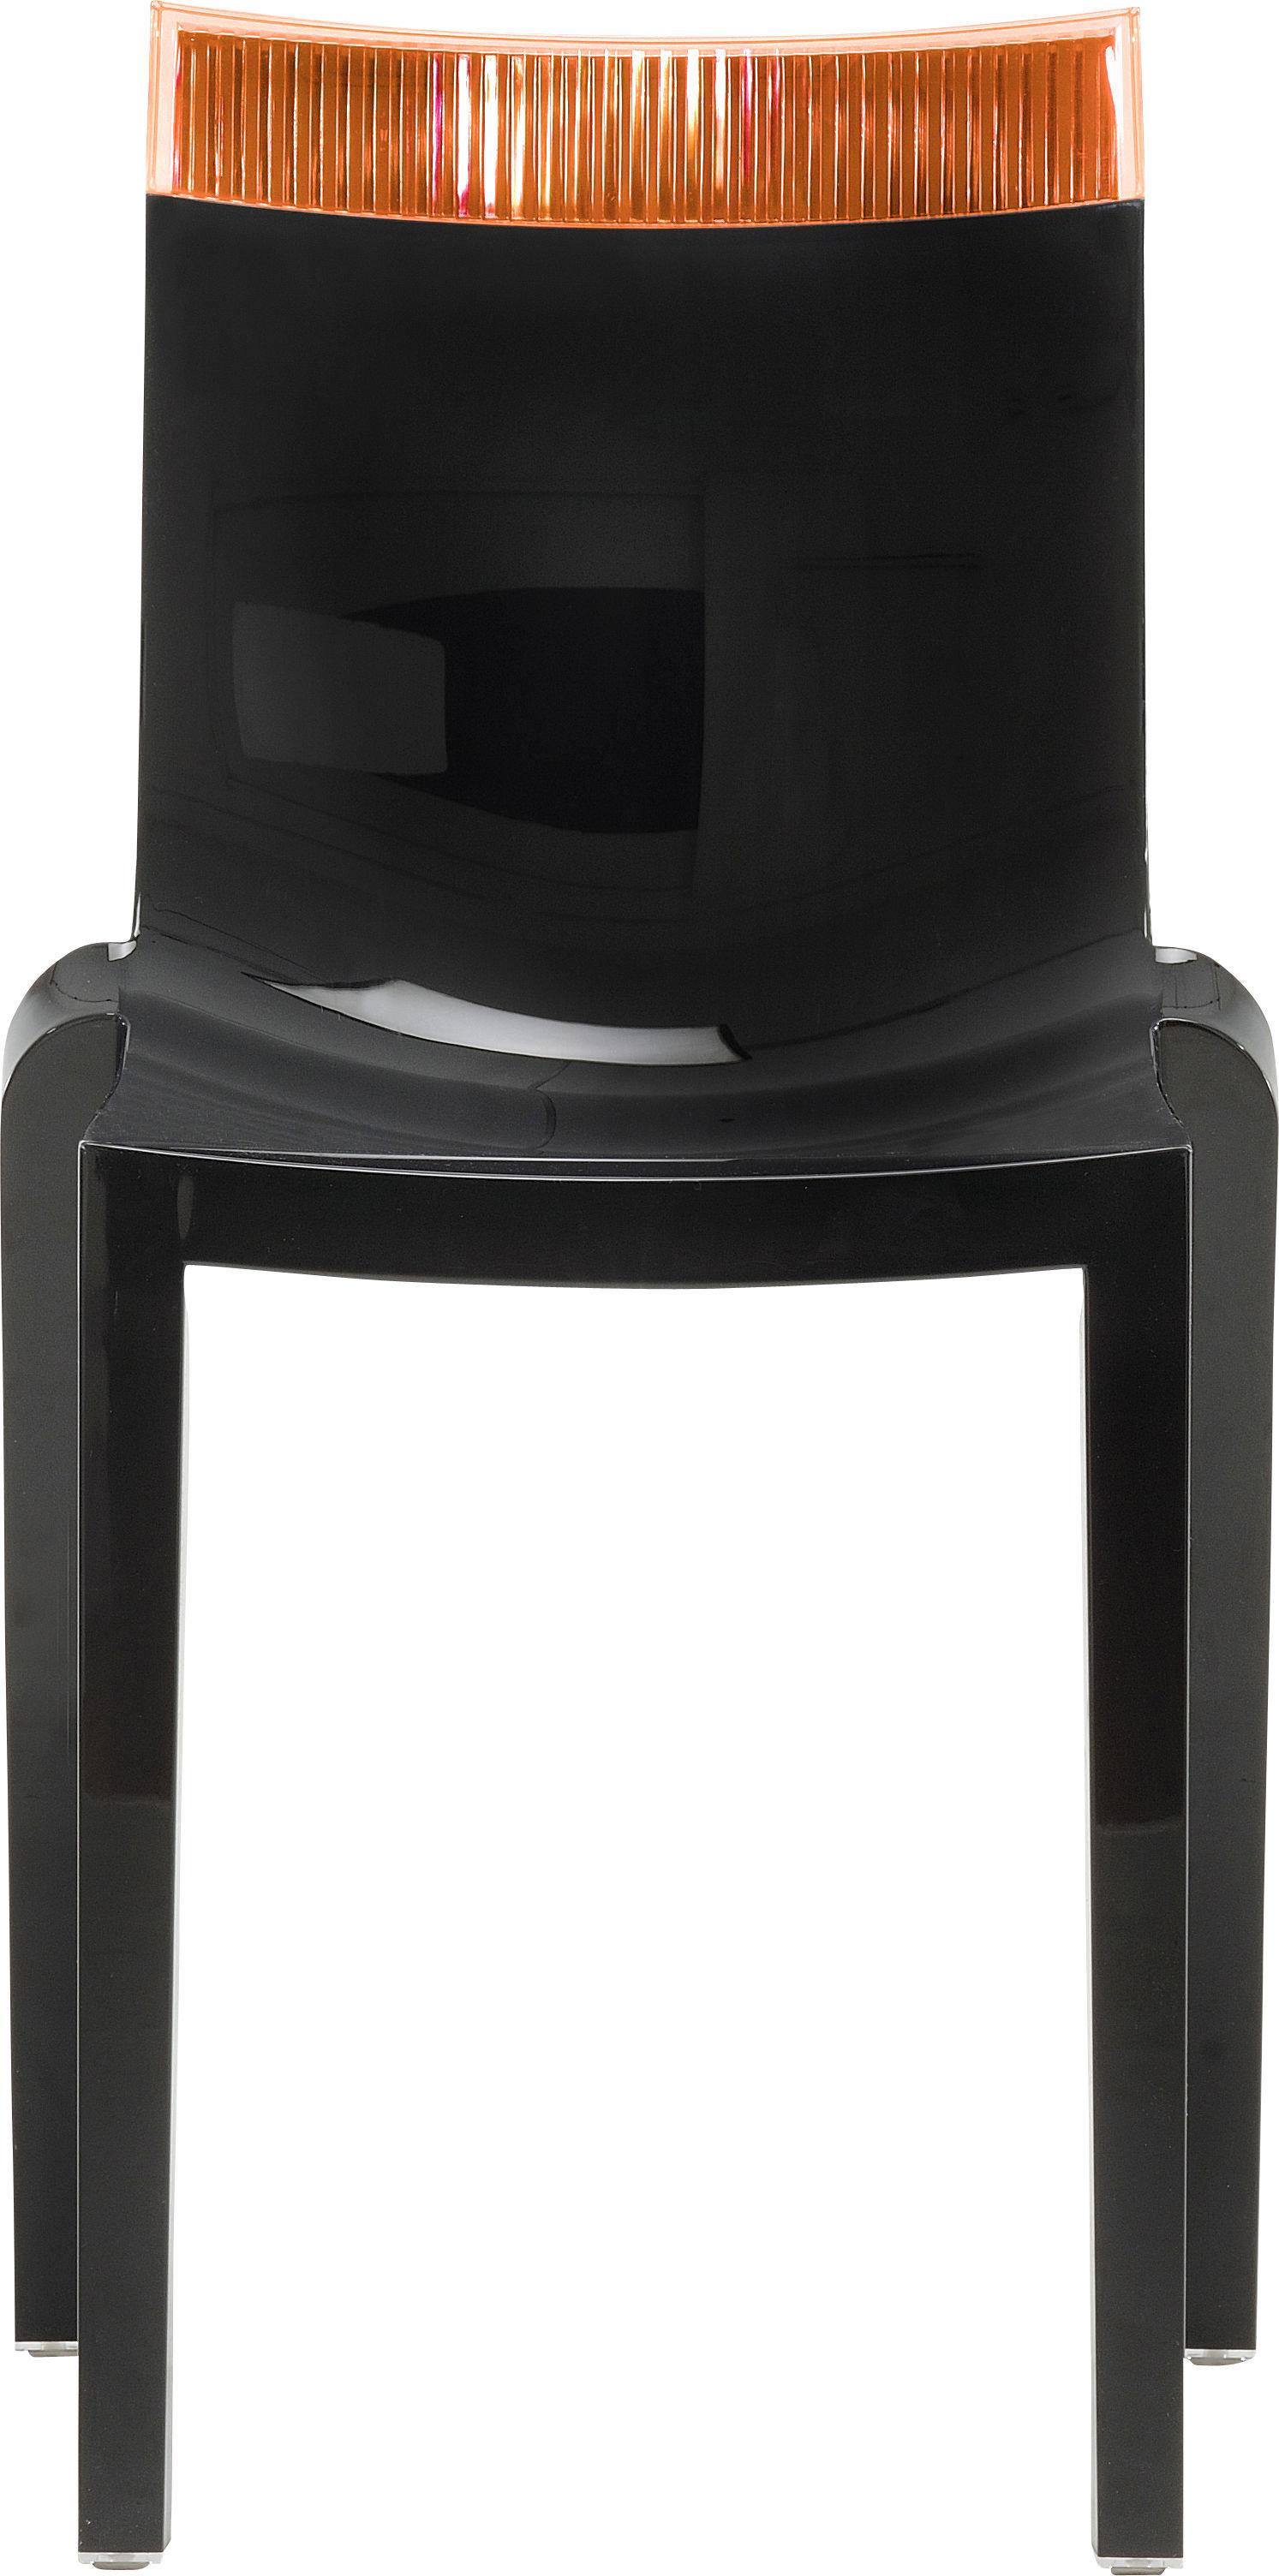 Mobilier - Chaises, fauteuils de salle à manger - Chaise empilable Hi Cut noire / Polycarbonate - Kartell - Noir laqué / orange - Polycarbonate